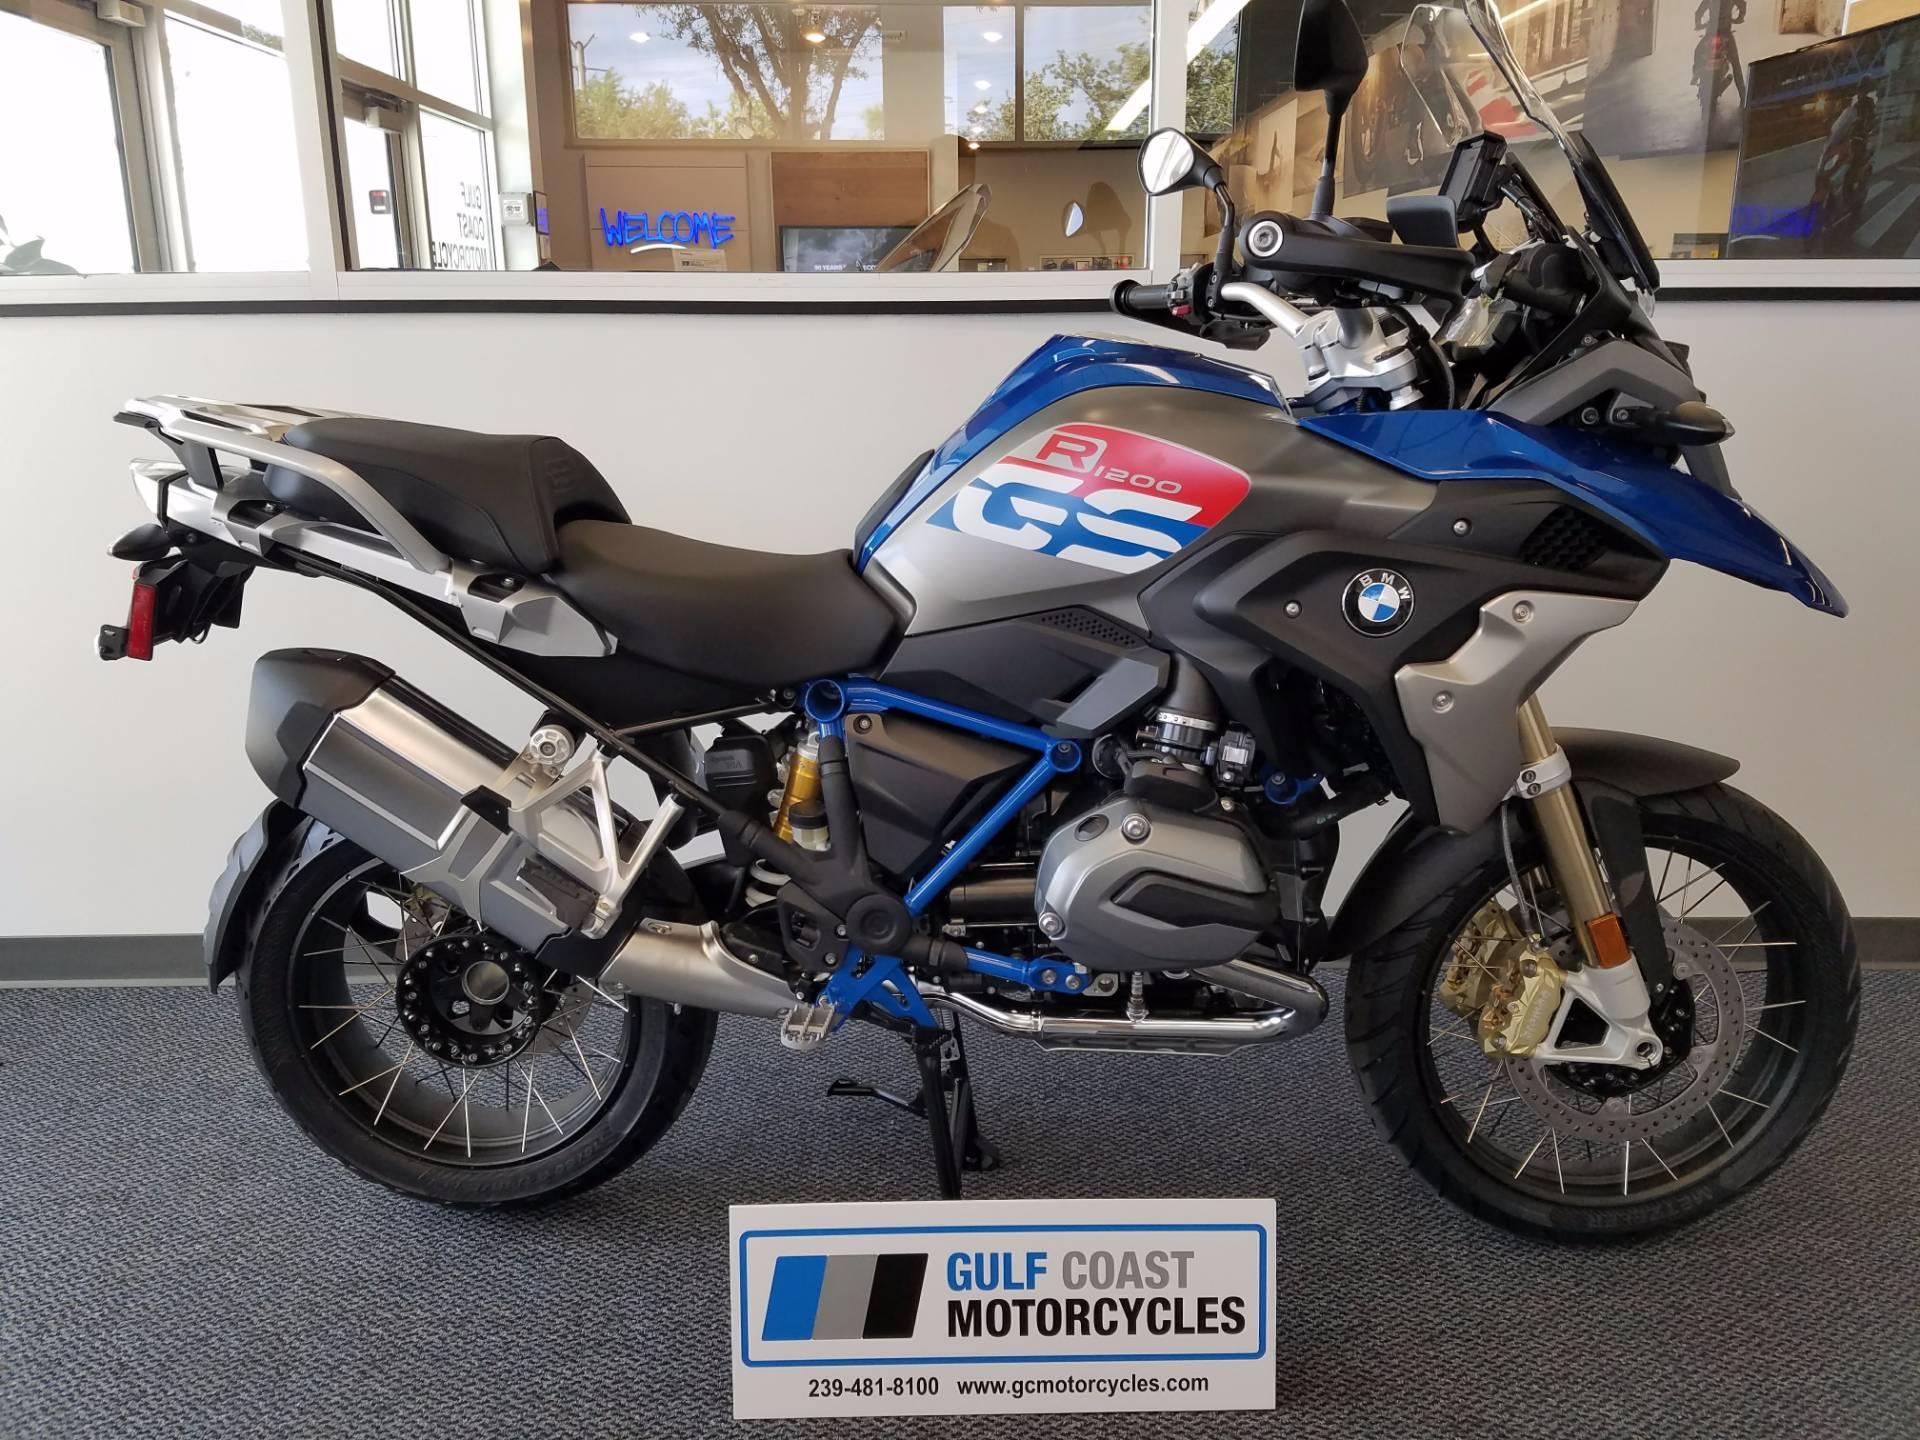 2017 R 1200 GS